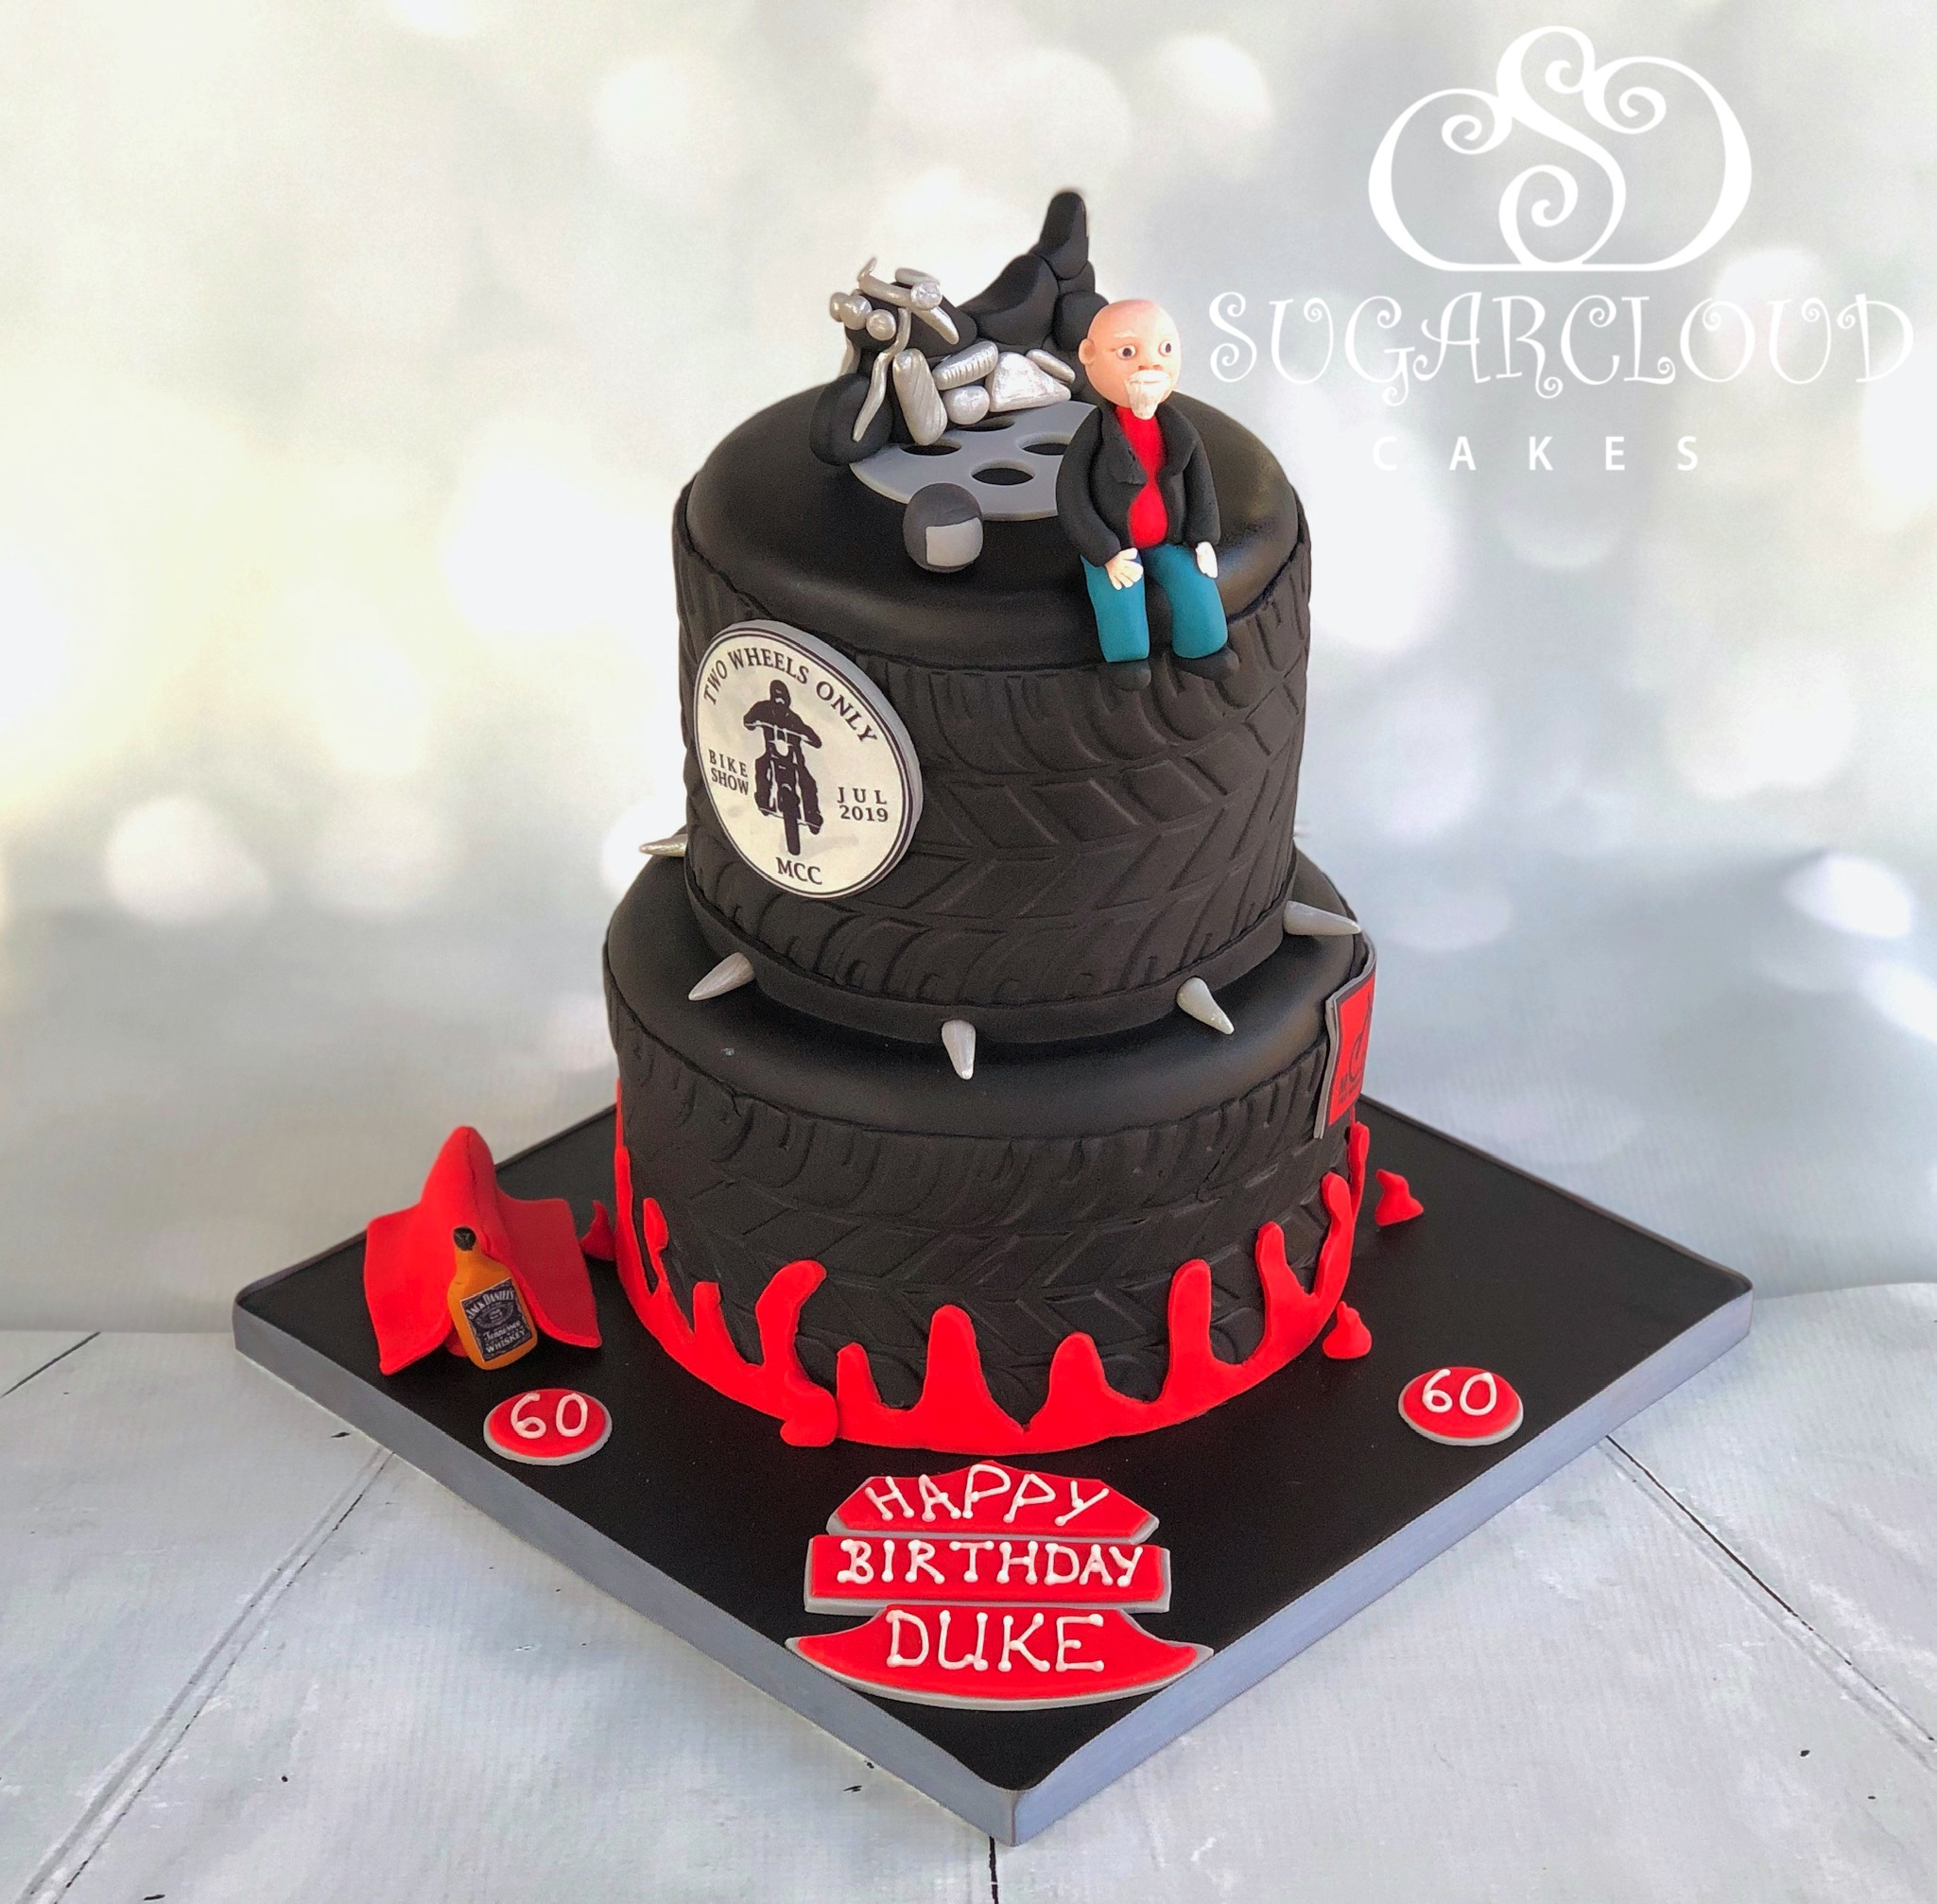 Duke's 60th Birthday Motorbike Themed Cake